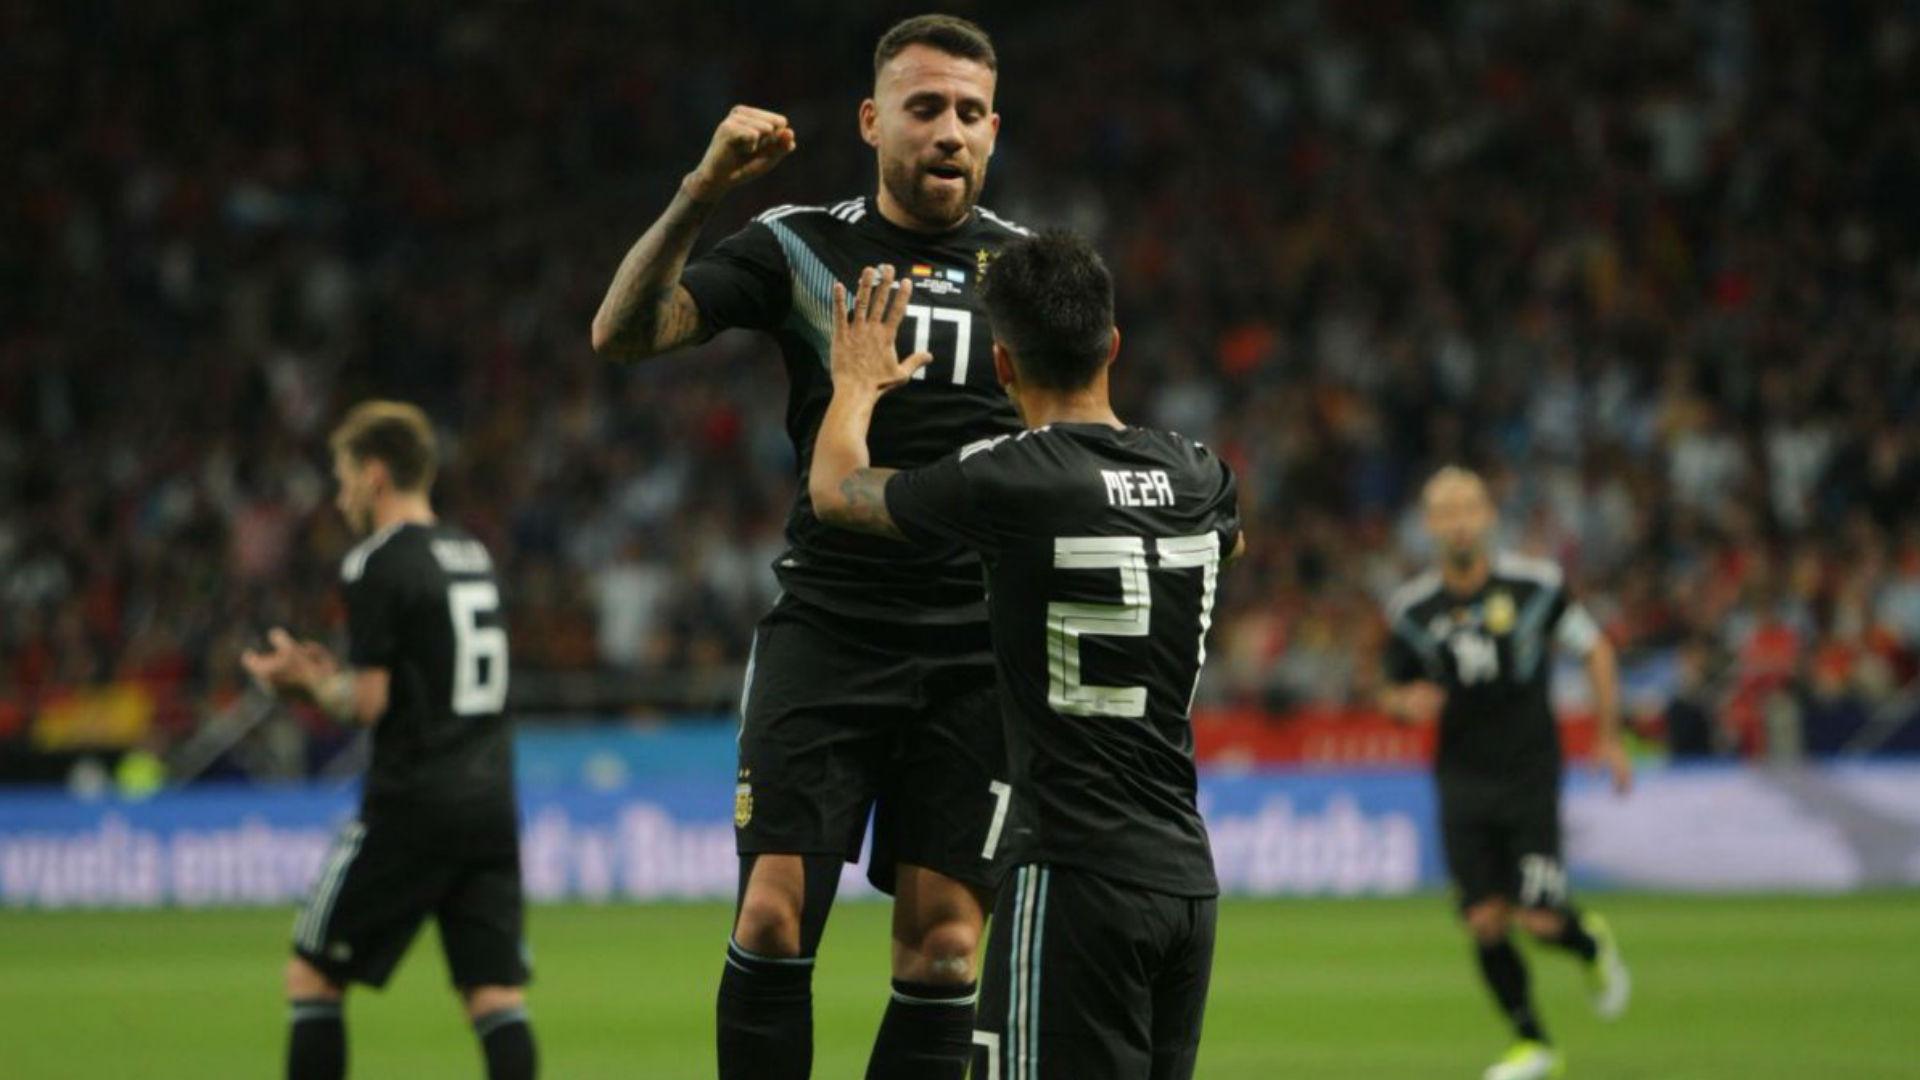 Russia 2018 - Argentina-Islanda 1 a 1. Messi sbaglia il rigore del vantaggio